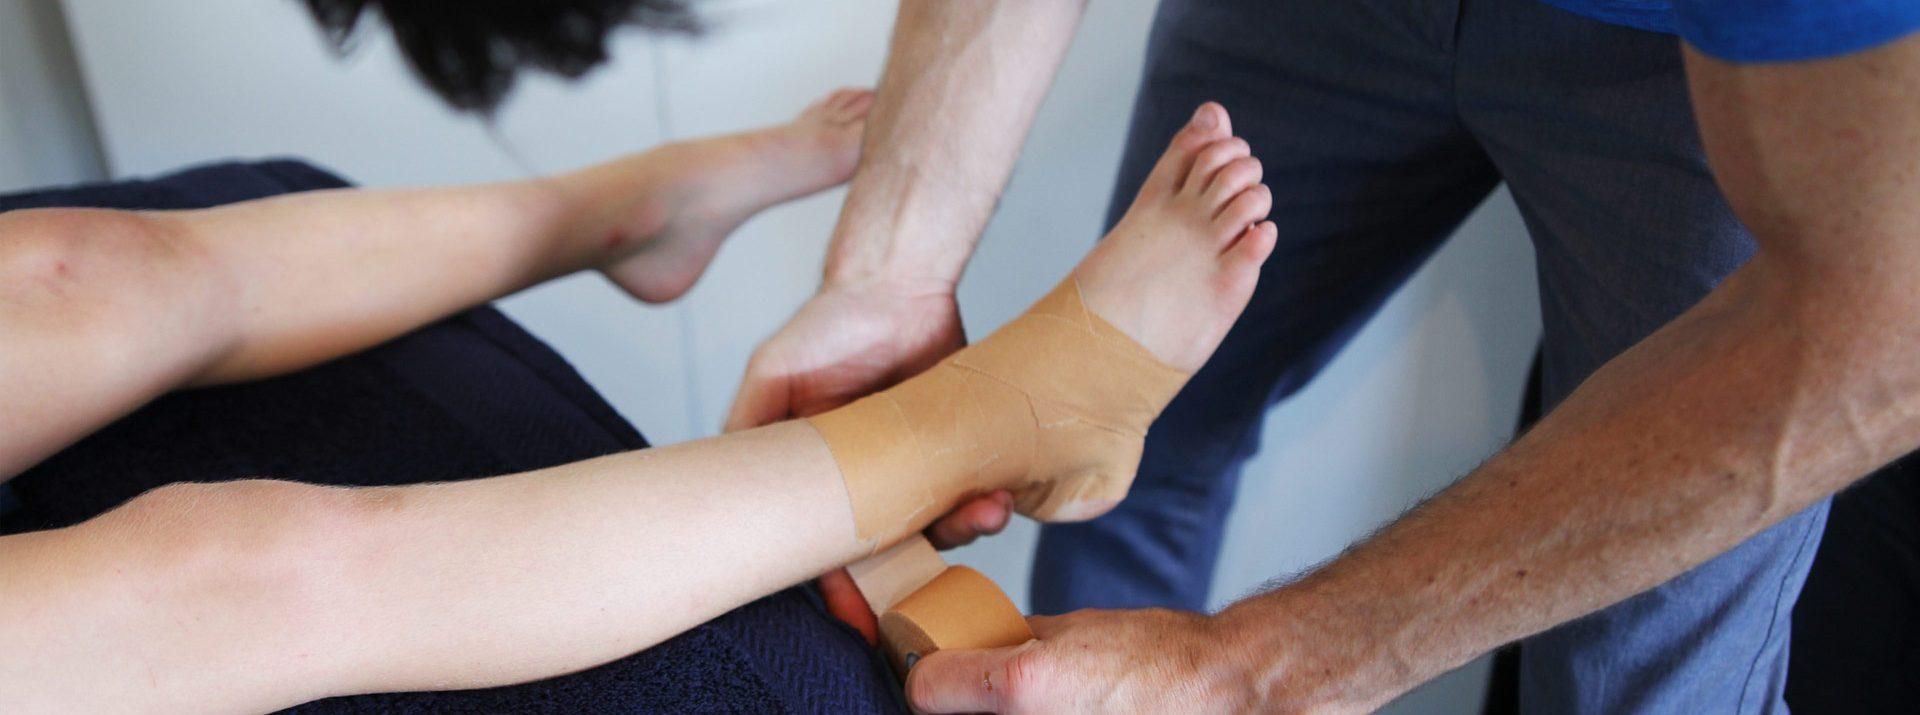 Head to toe physio!